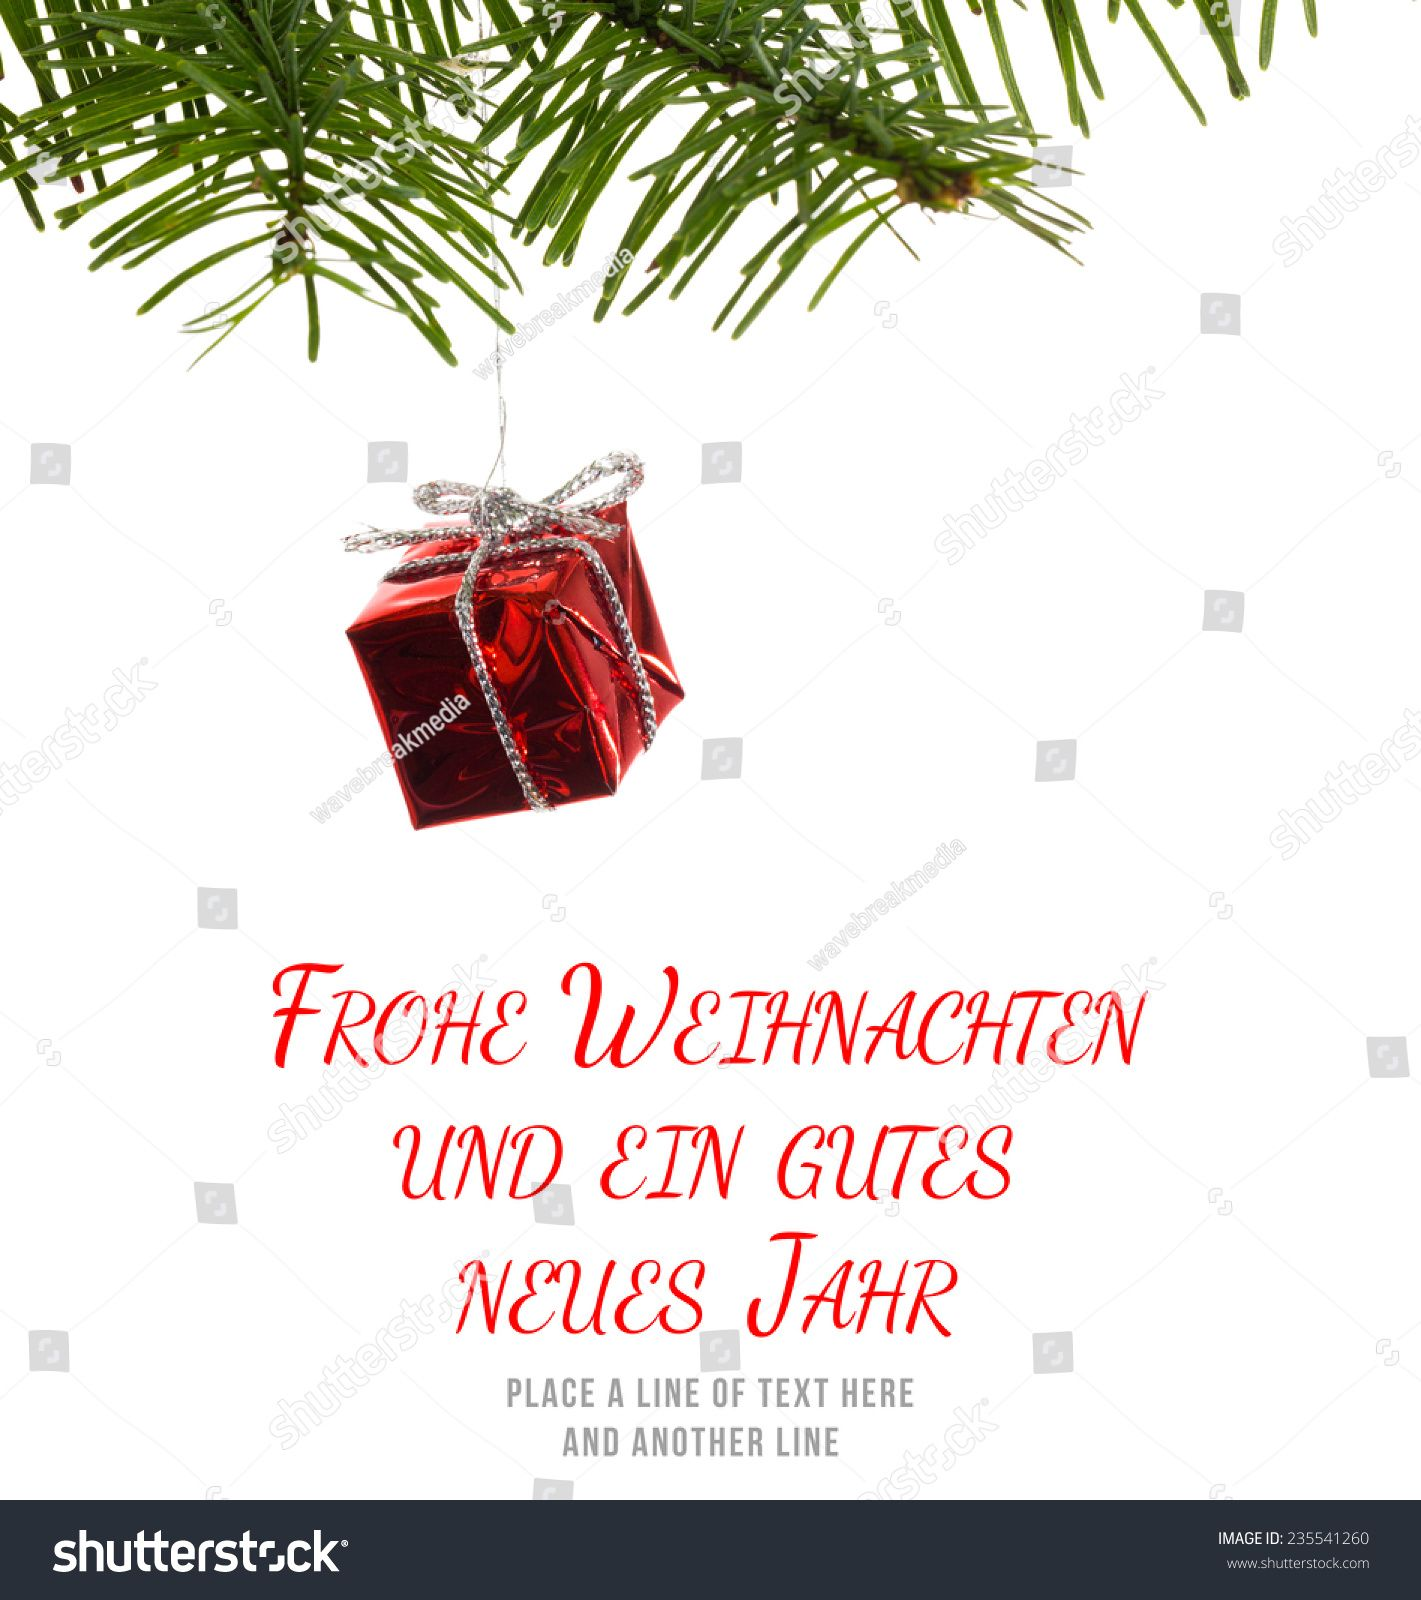 Weihnachten Message | Neu Jahr 2019 | Pinterest